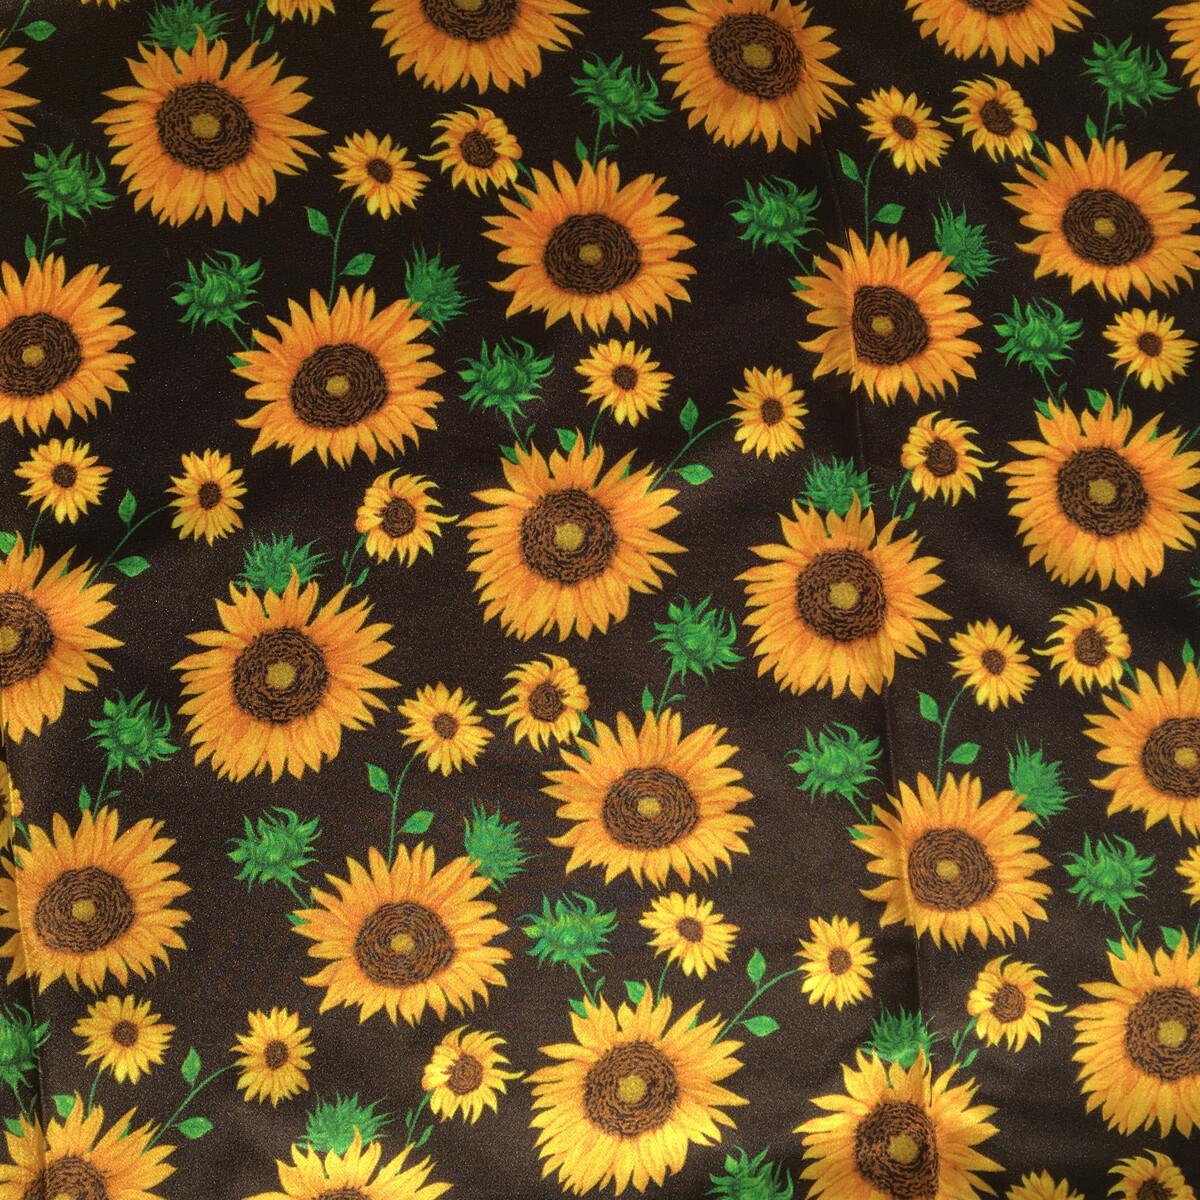 Sunflower M&F Wild Rag